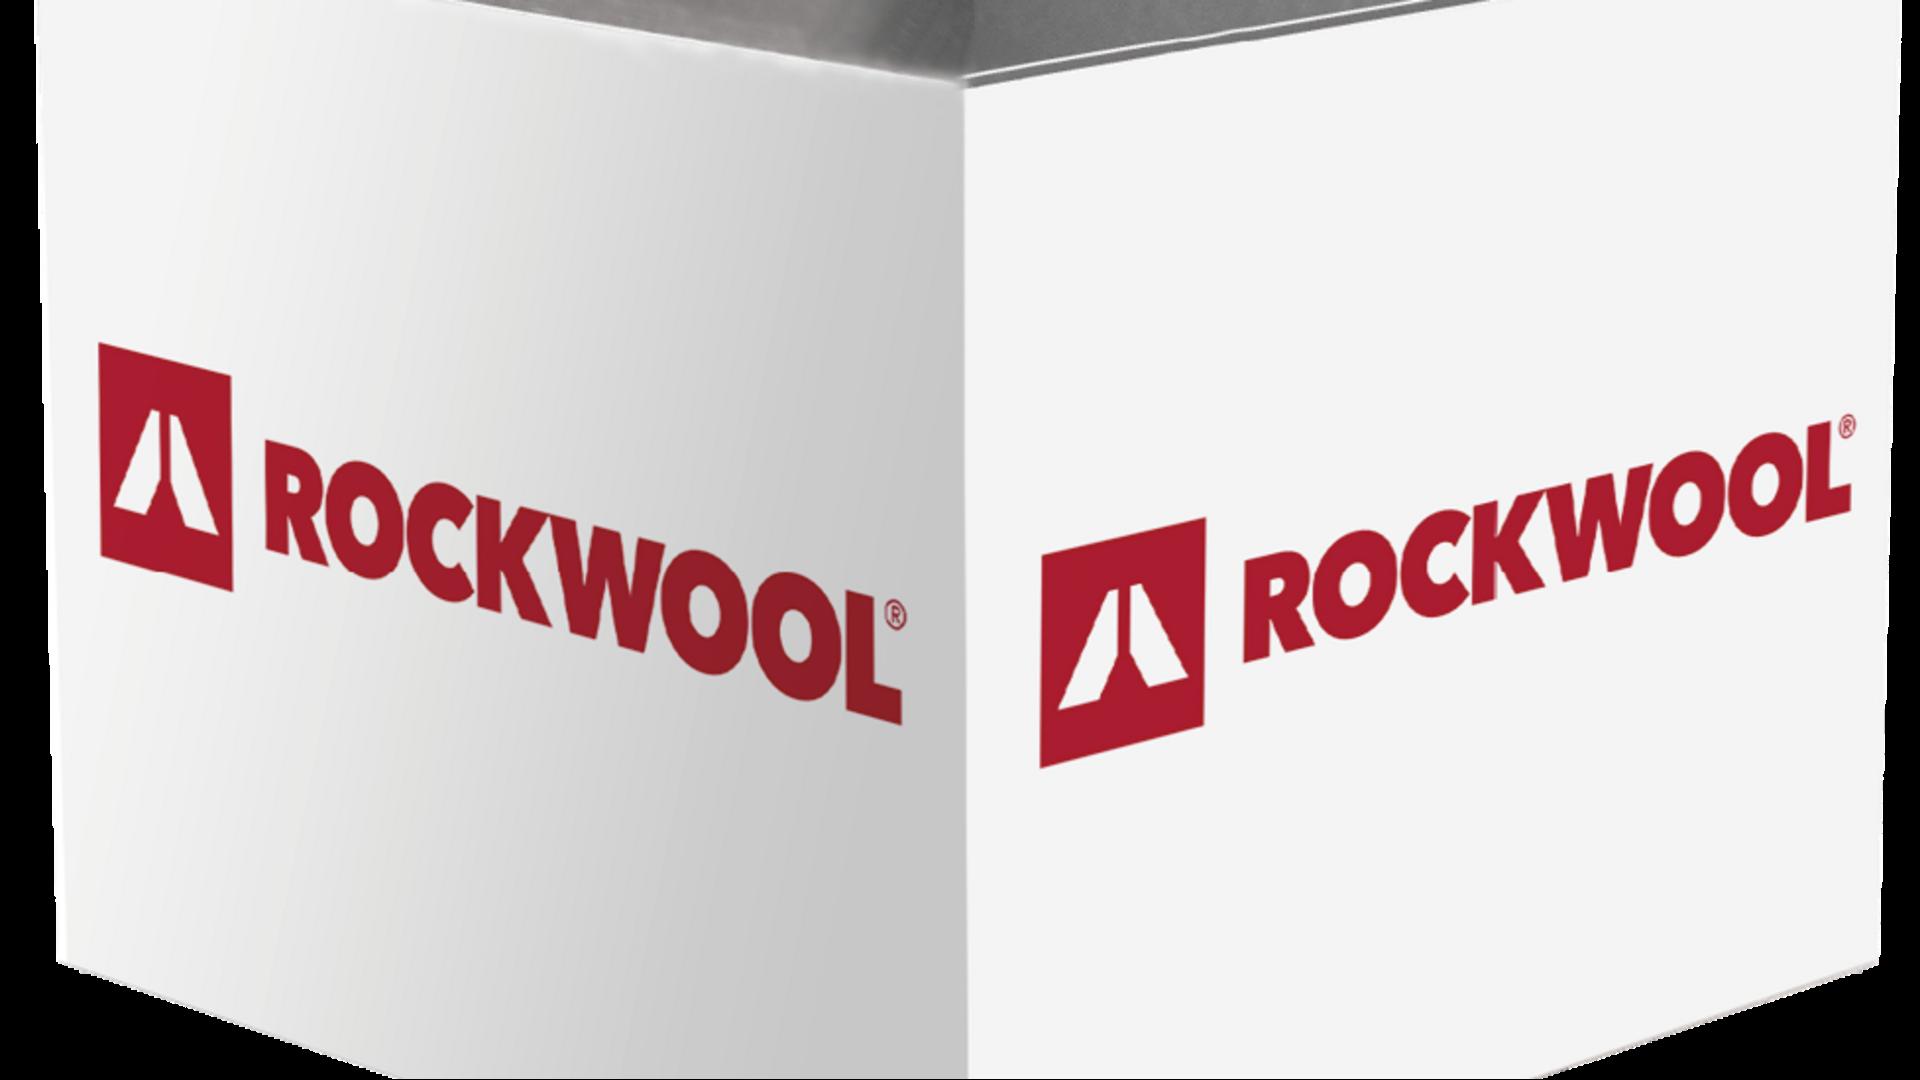 Jetrock 2, Rockair 2, accessoires, accessories, combles perdus, soufflage, blowing, attics